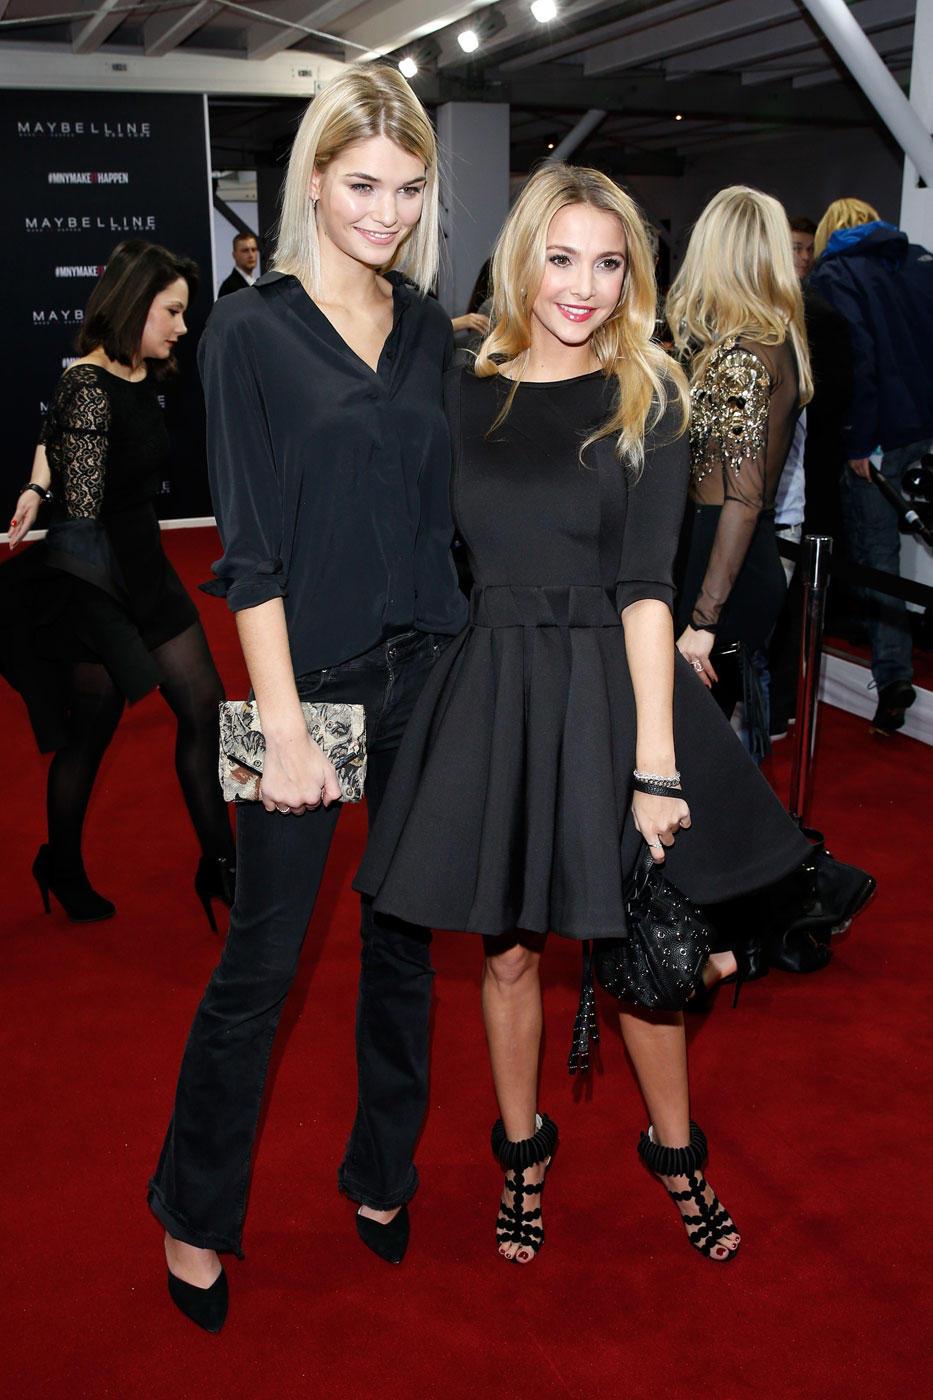 Germany's Next Topmodel Gewinnerin 2012 Luisa Hartema mit ihrer Freundin Sophie Hermann, It-Girl und TV-Star aus London und außerdem Uschi Glas' Stieftochter.